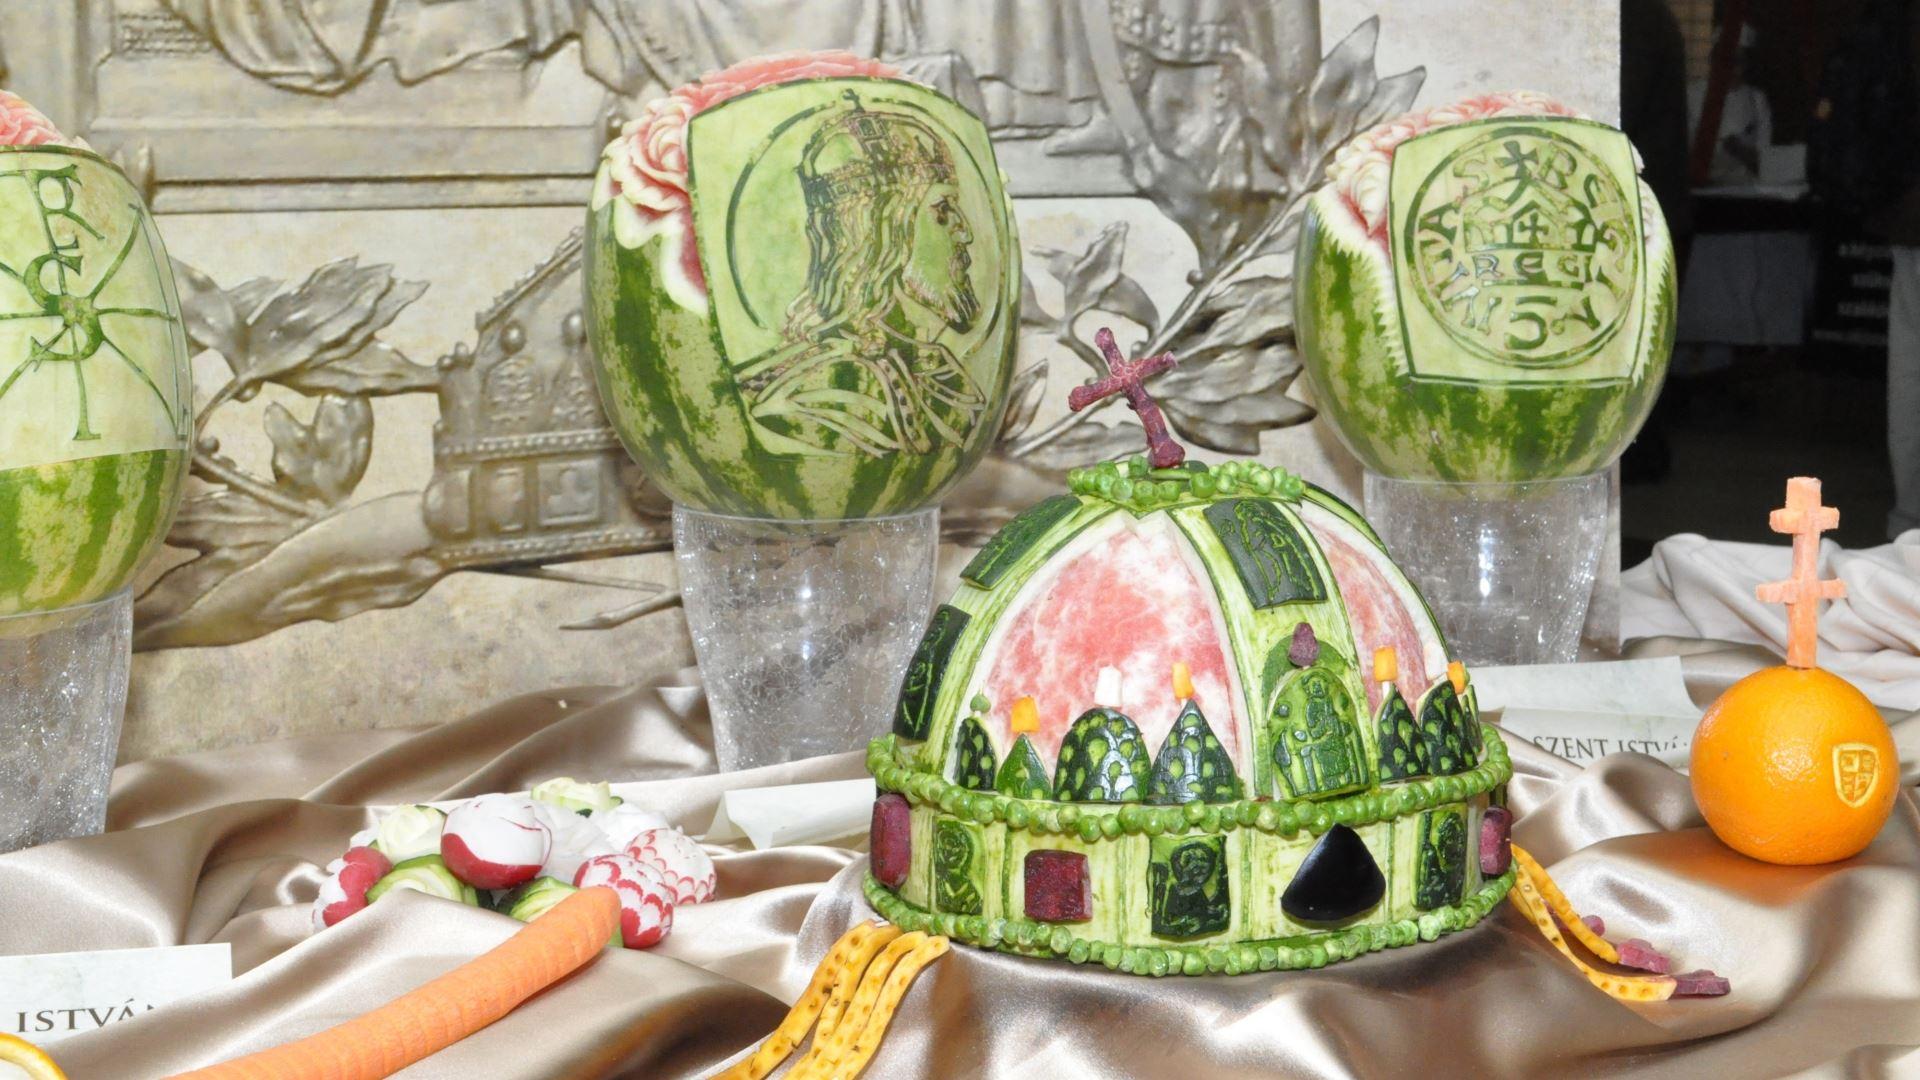 dinnye dinnyefaragás ételdísz gyümölcsfaragás gyümölcsszobrász riport szent korona zöldségszobrász